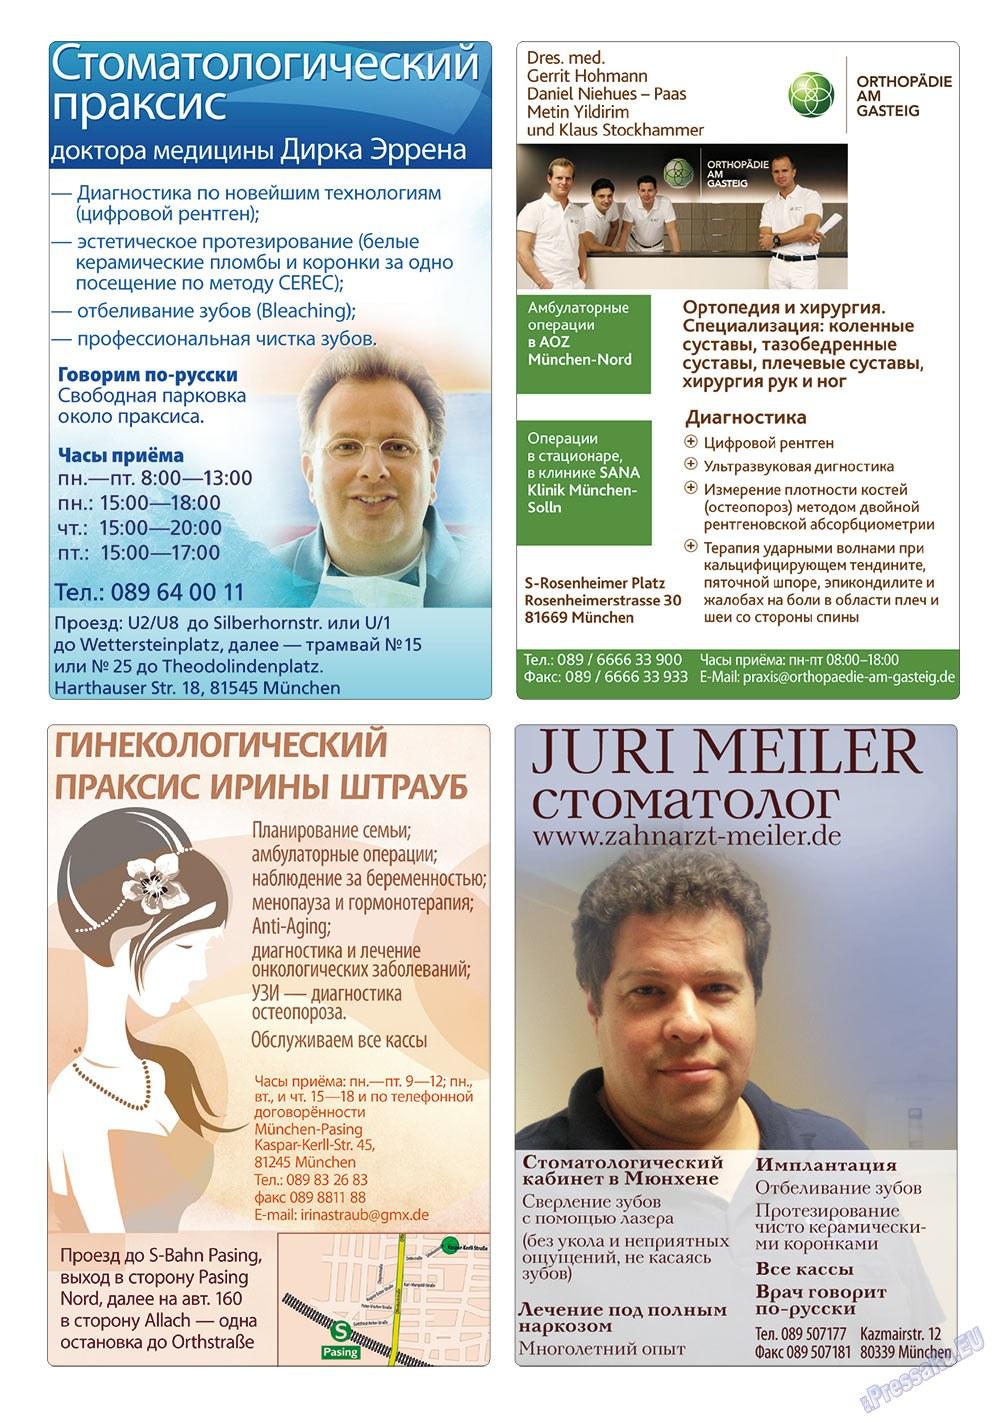 Апельсин (журнал). 2012 год, номер 31, стр. 41